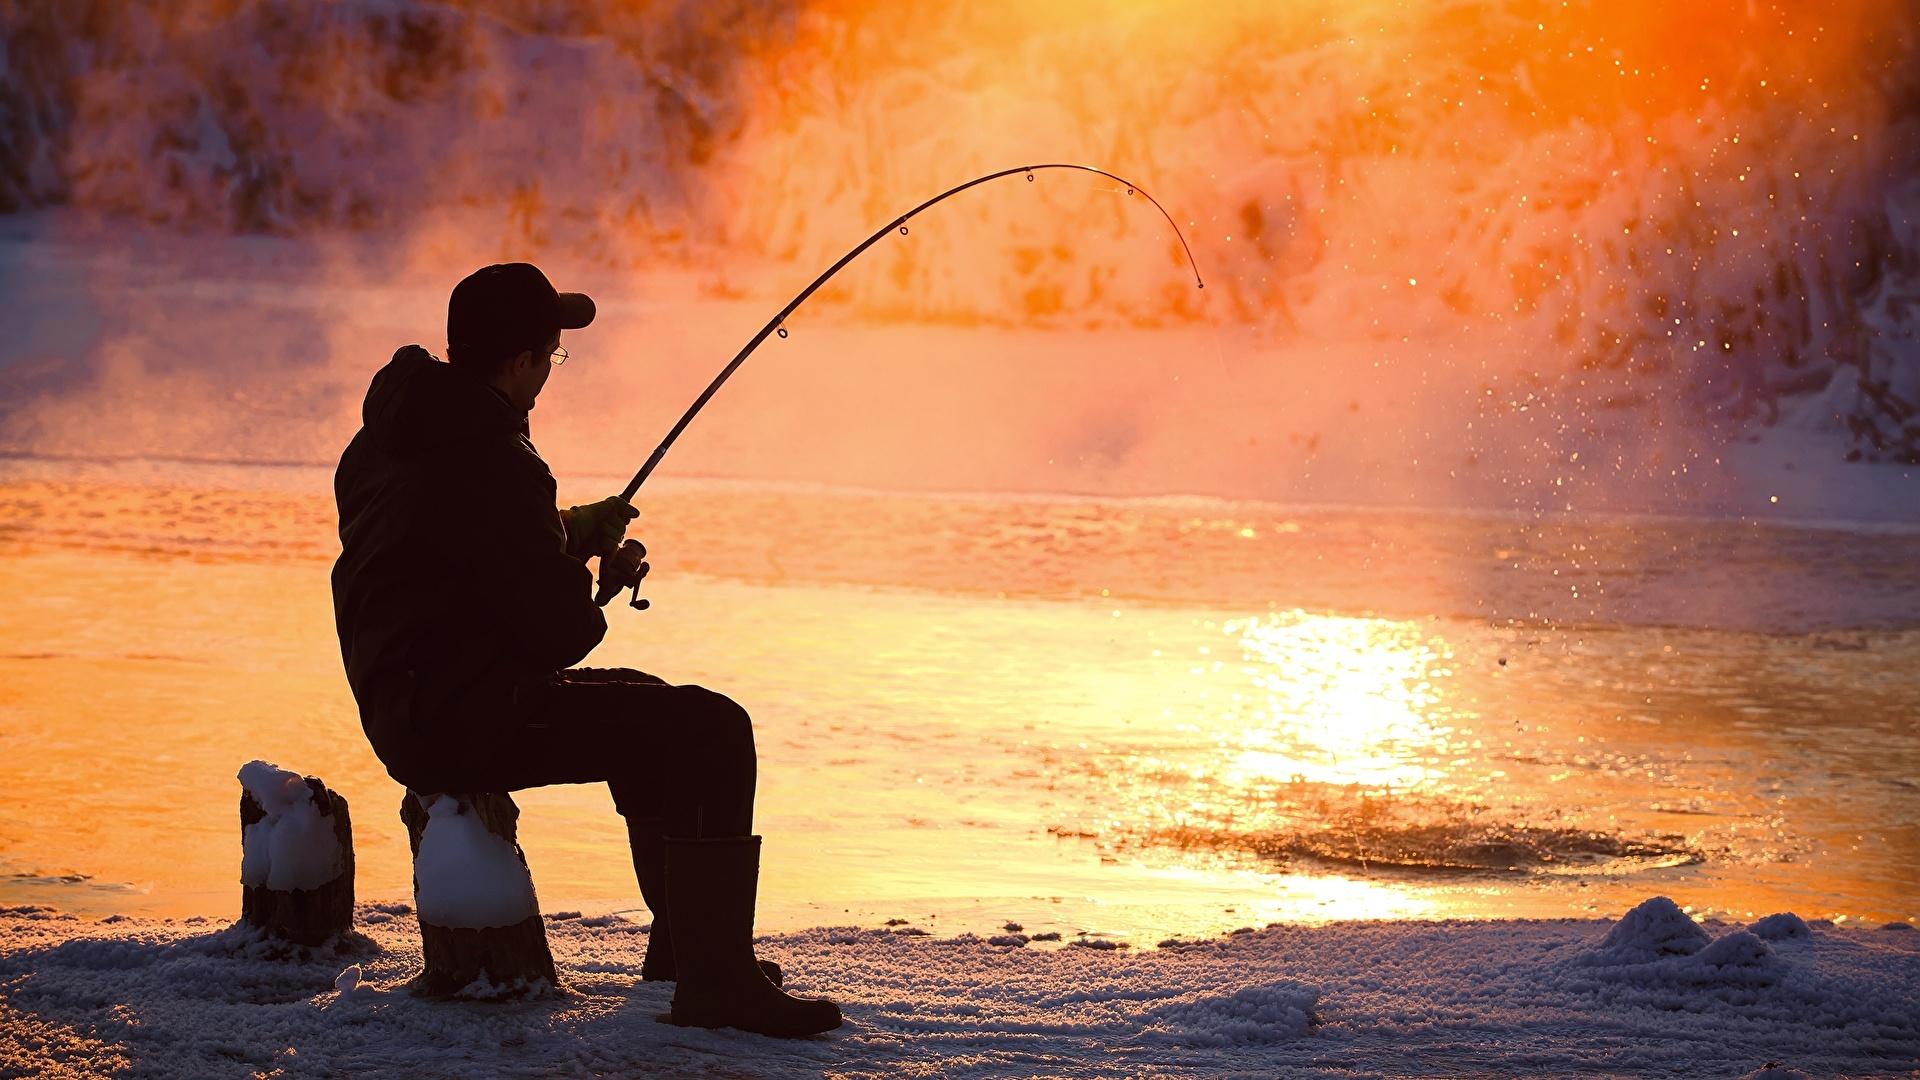 Bilder von Mann Fischerei Dampf Sitzend 1920x1080 sitzt sitzen